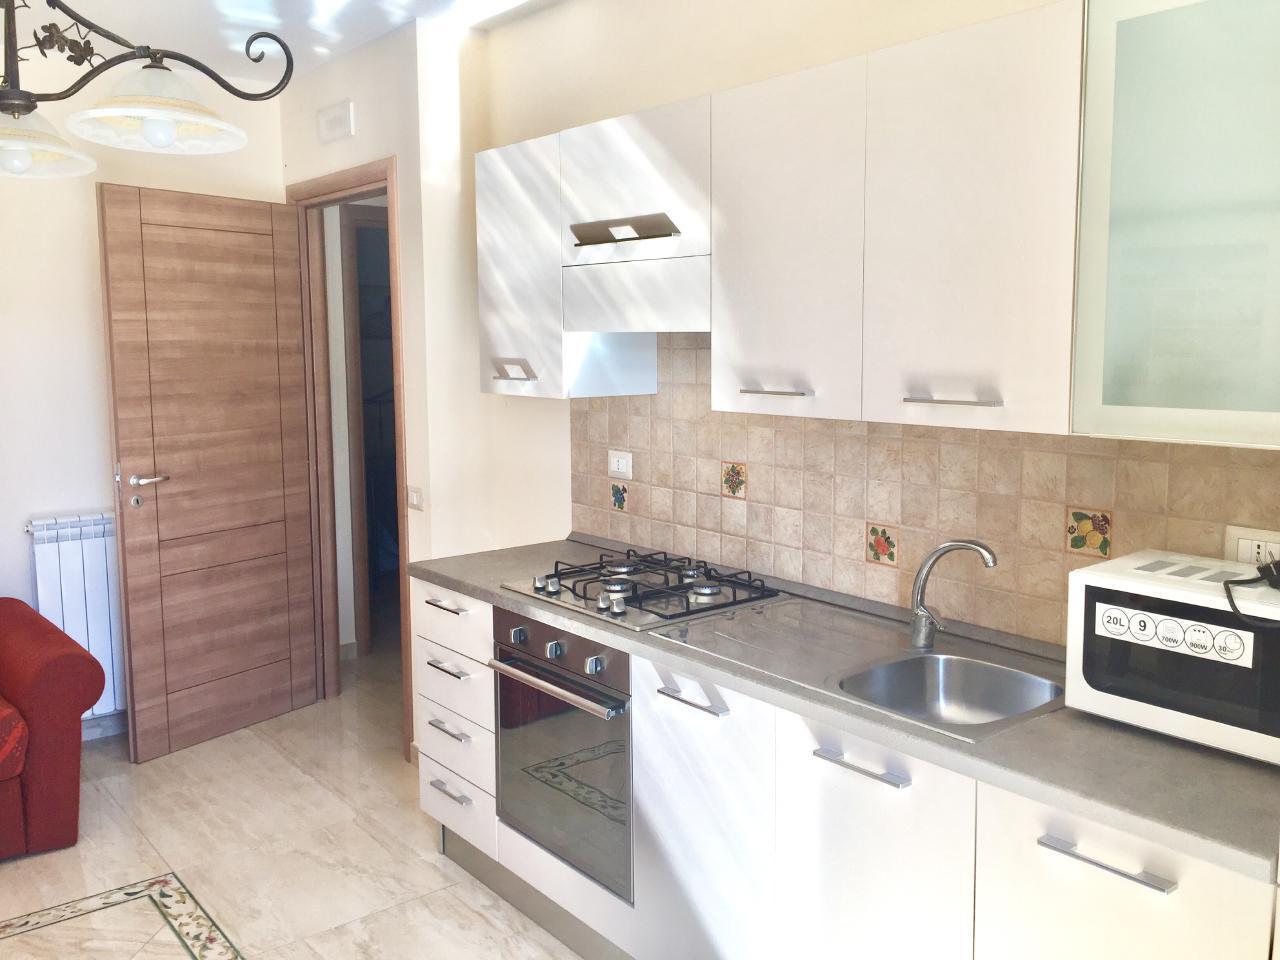 Appartement de vacances Etna Royal View -  Zwei-Zimmer-Wohnung mit Blick auf den Garten (2182582), Trecastagni, Catania, Sicile, Italie, image 17